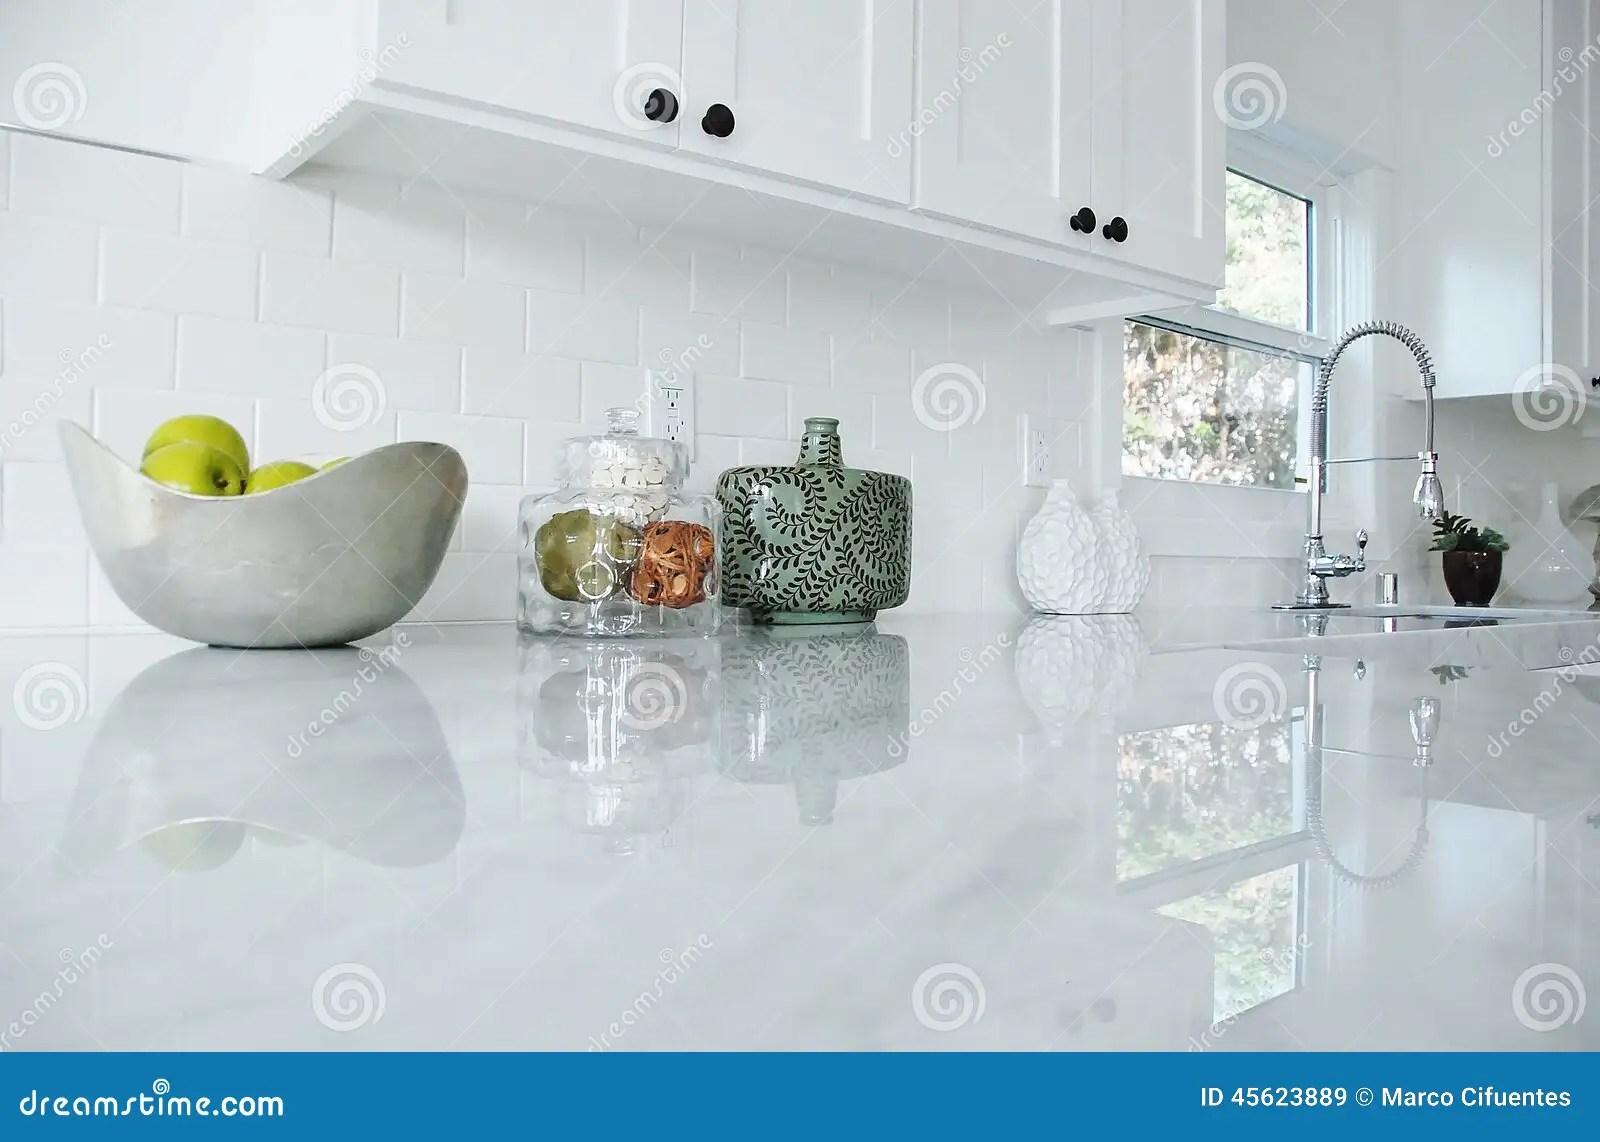 stock photo bright white kitchen carrara marble countertops chrome faucet image white kitchen countertops Kitchen Counter